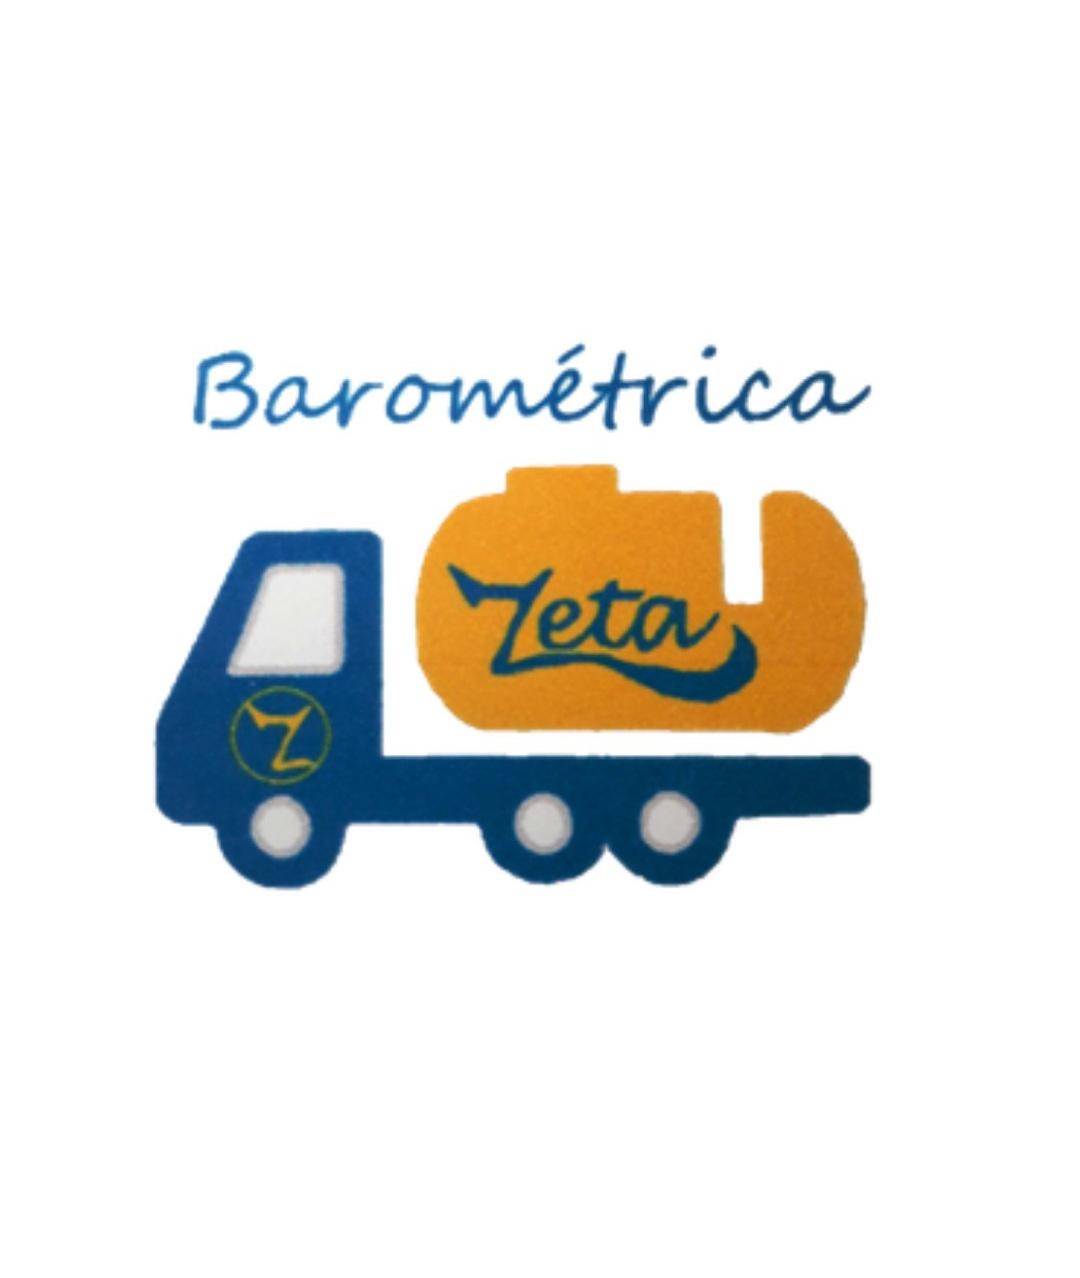 Barométrica Zeta